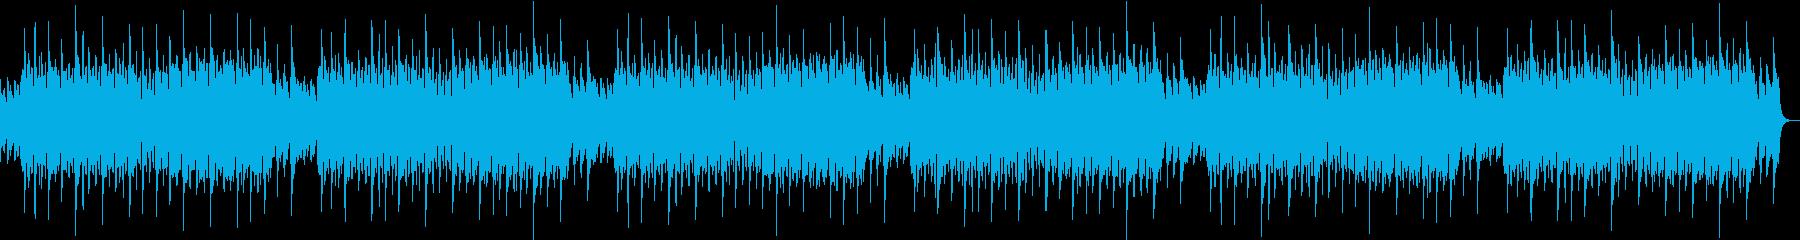 チルアウト、lofihiphopの再生済みの波形